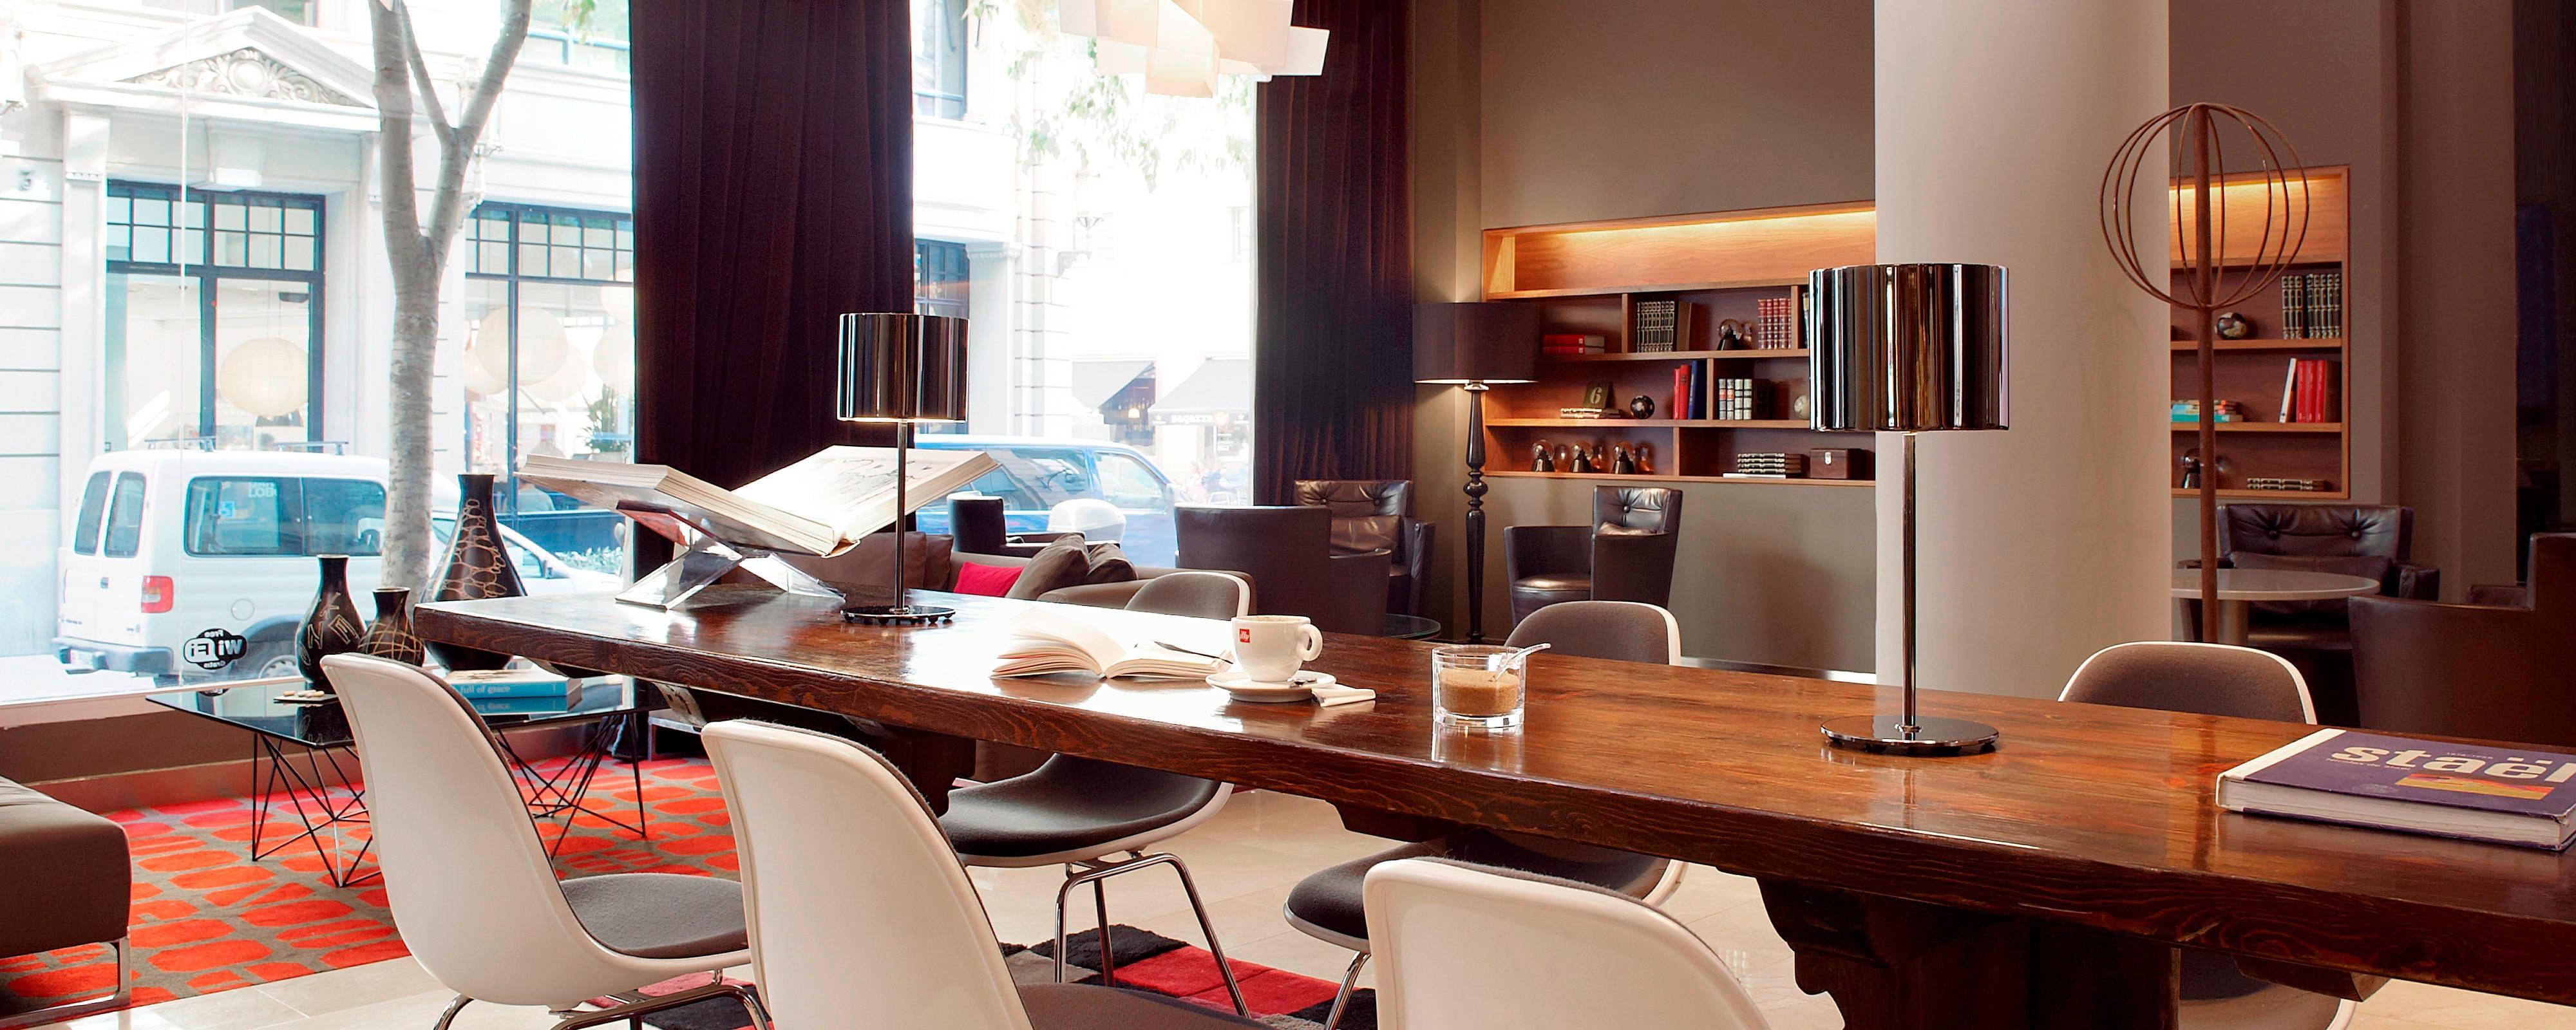 مكان الجلوس في لو ميريديان هاب - طاولة مشتركة